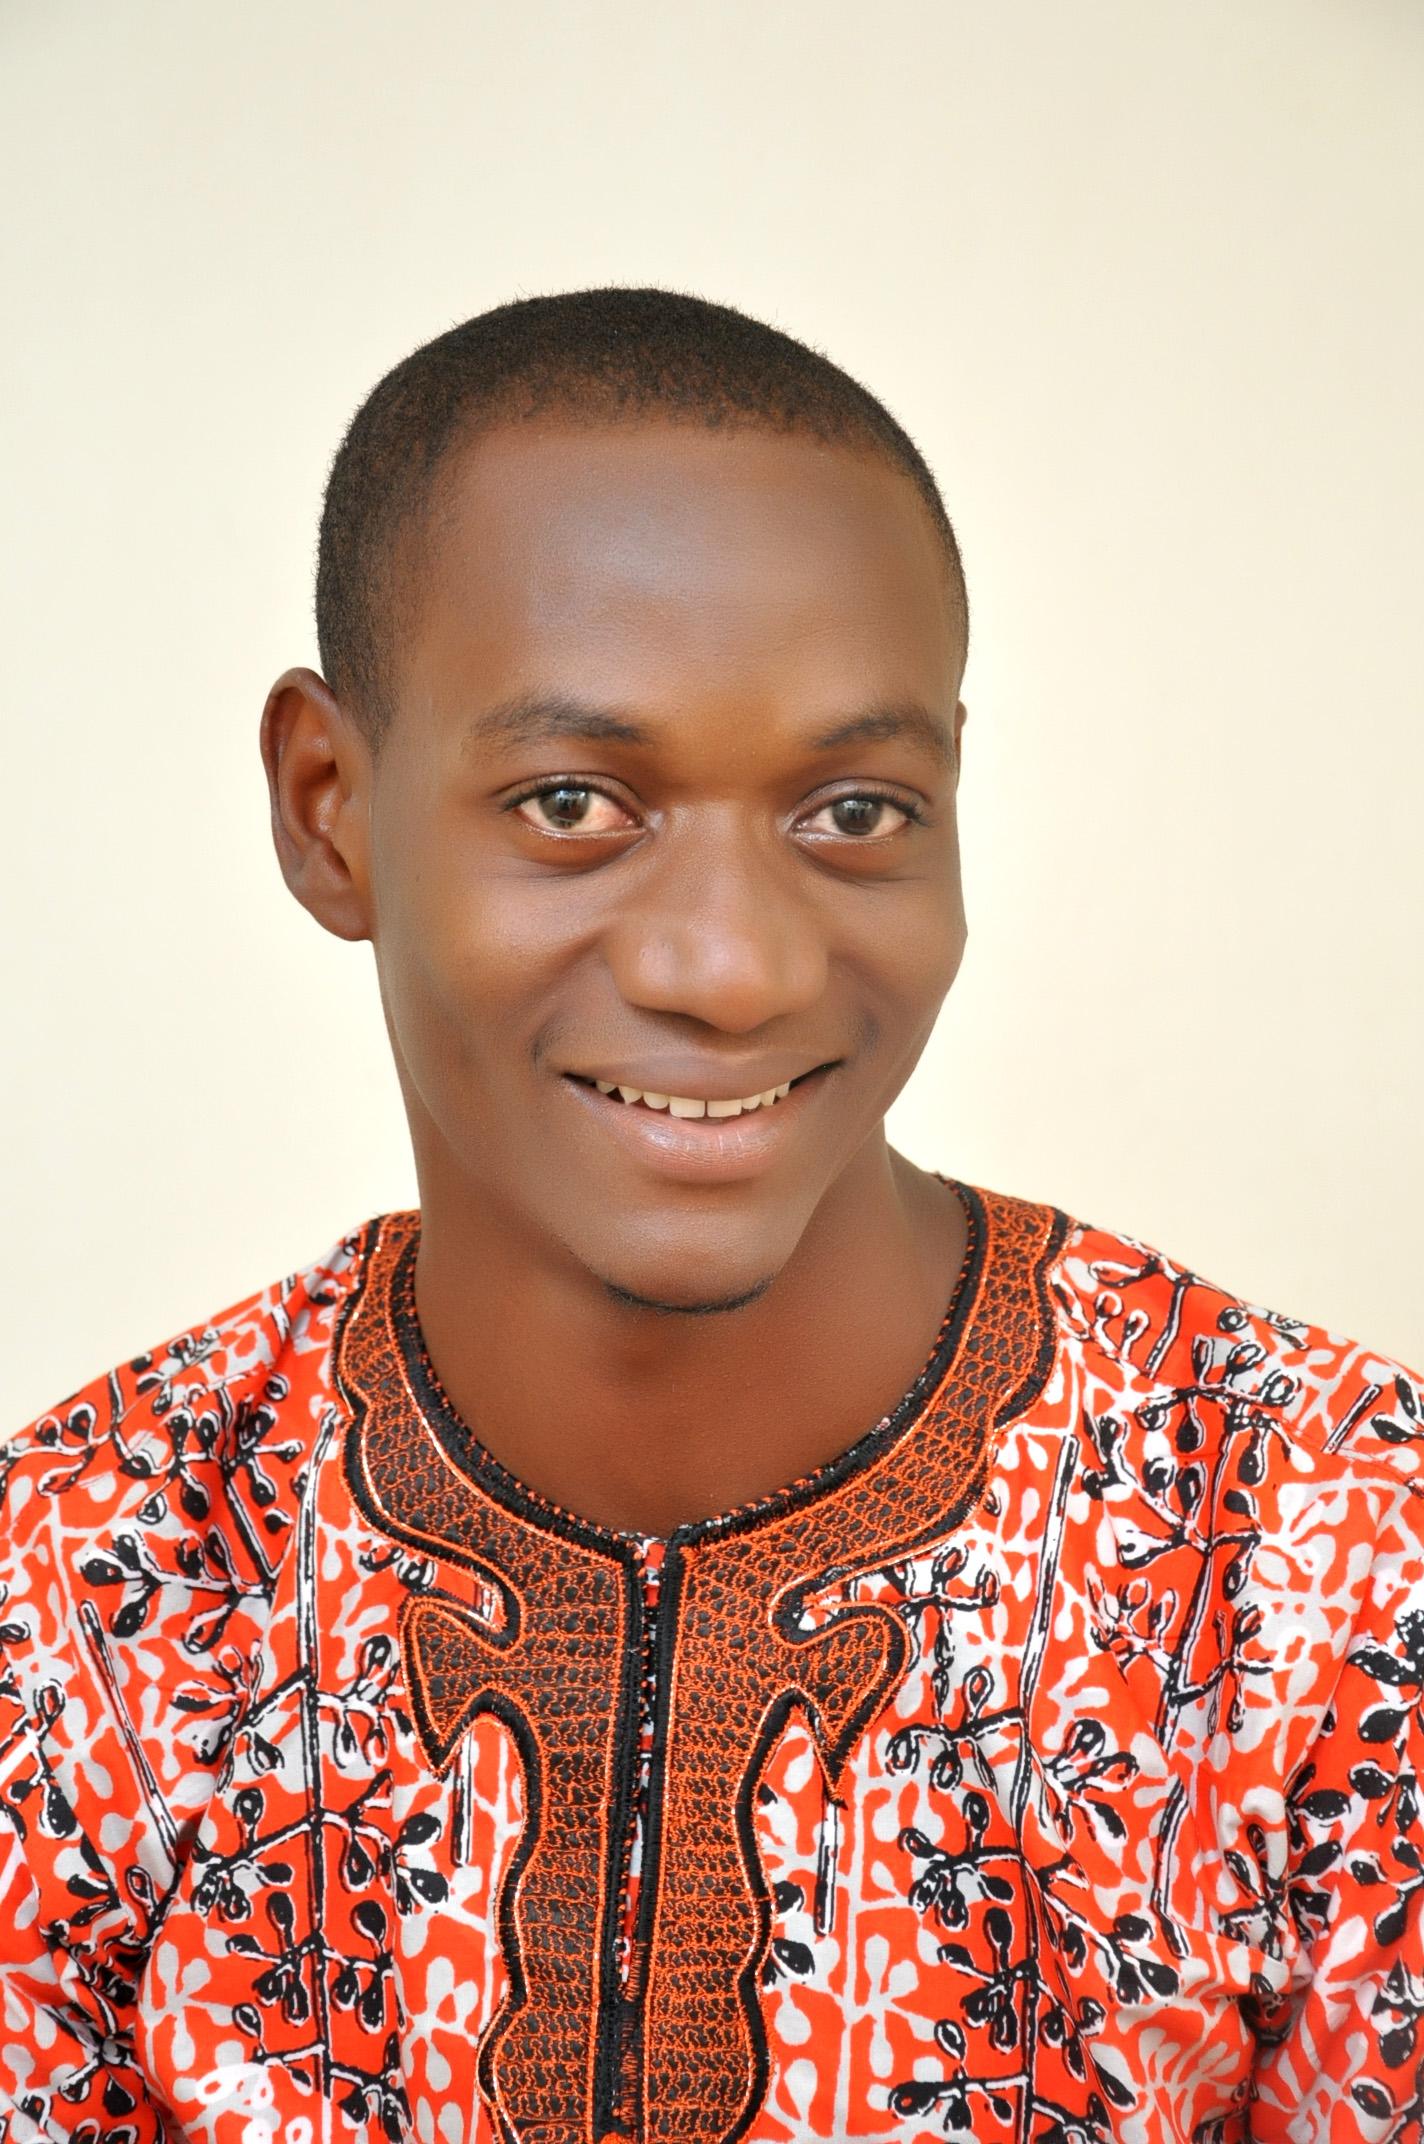 Moses Agbara